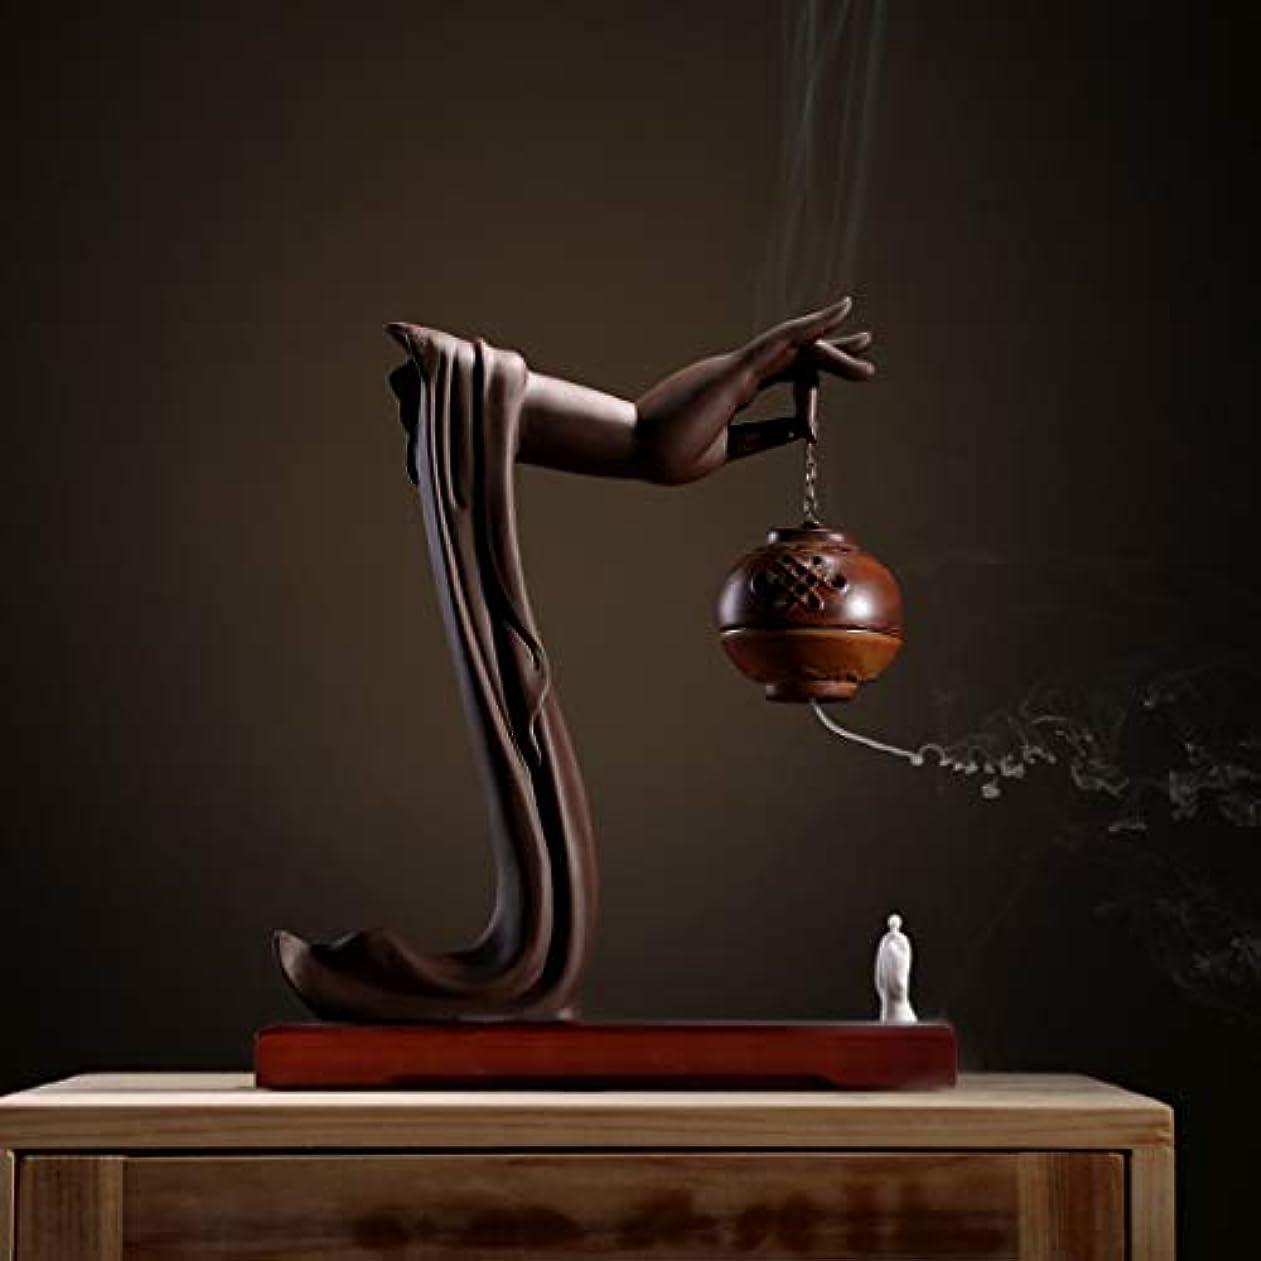 番目スピーカーカブ手動逆流香バーナーロータス/僧侶逆流香バーナーコーンコーンブラケットホームデスクトップの装飾L28cm×W9.5cm×H33cm (Color : Brown incense burner)